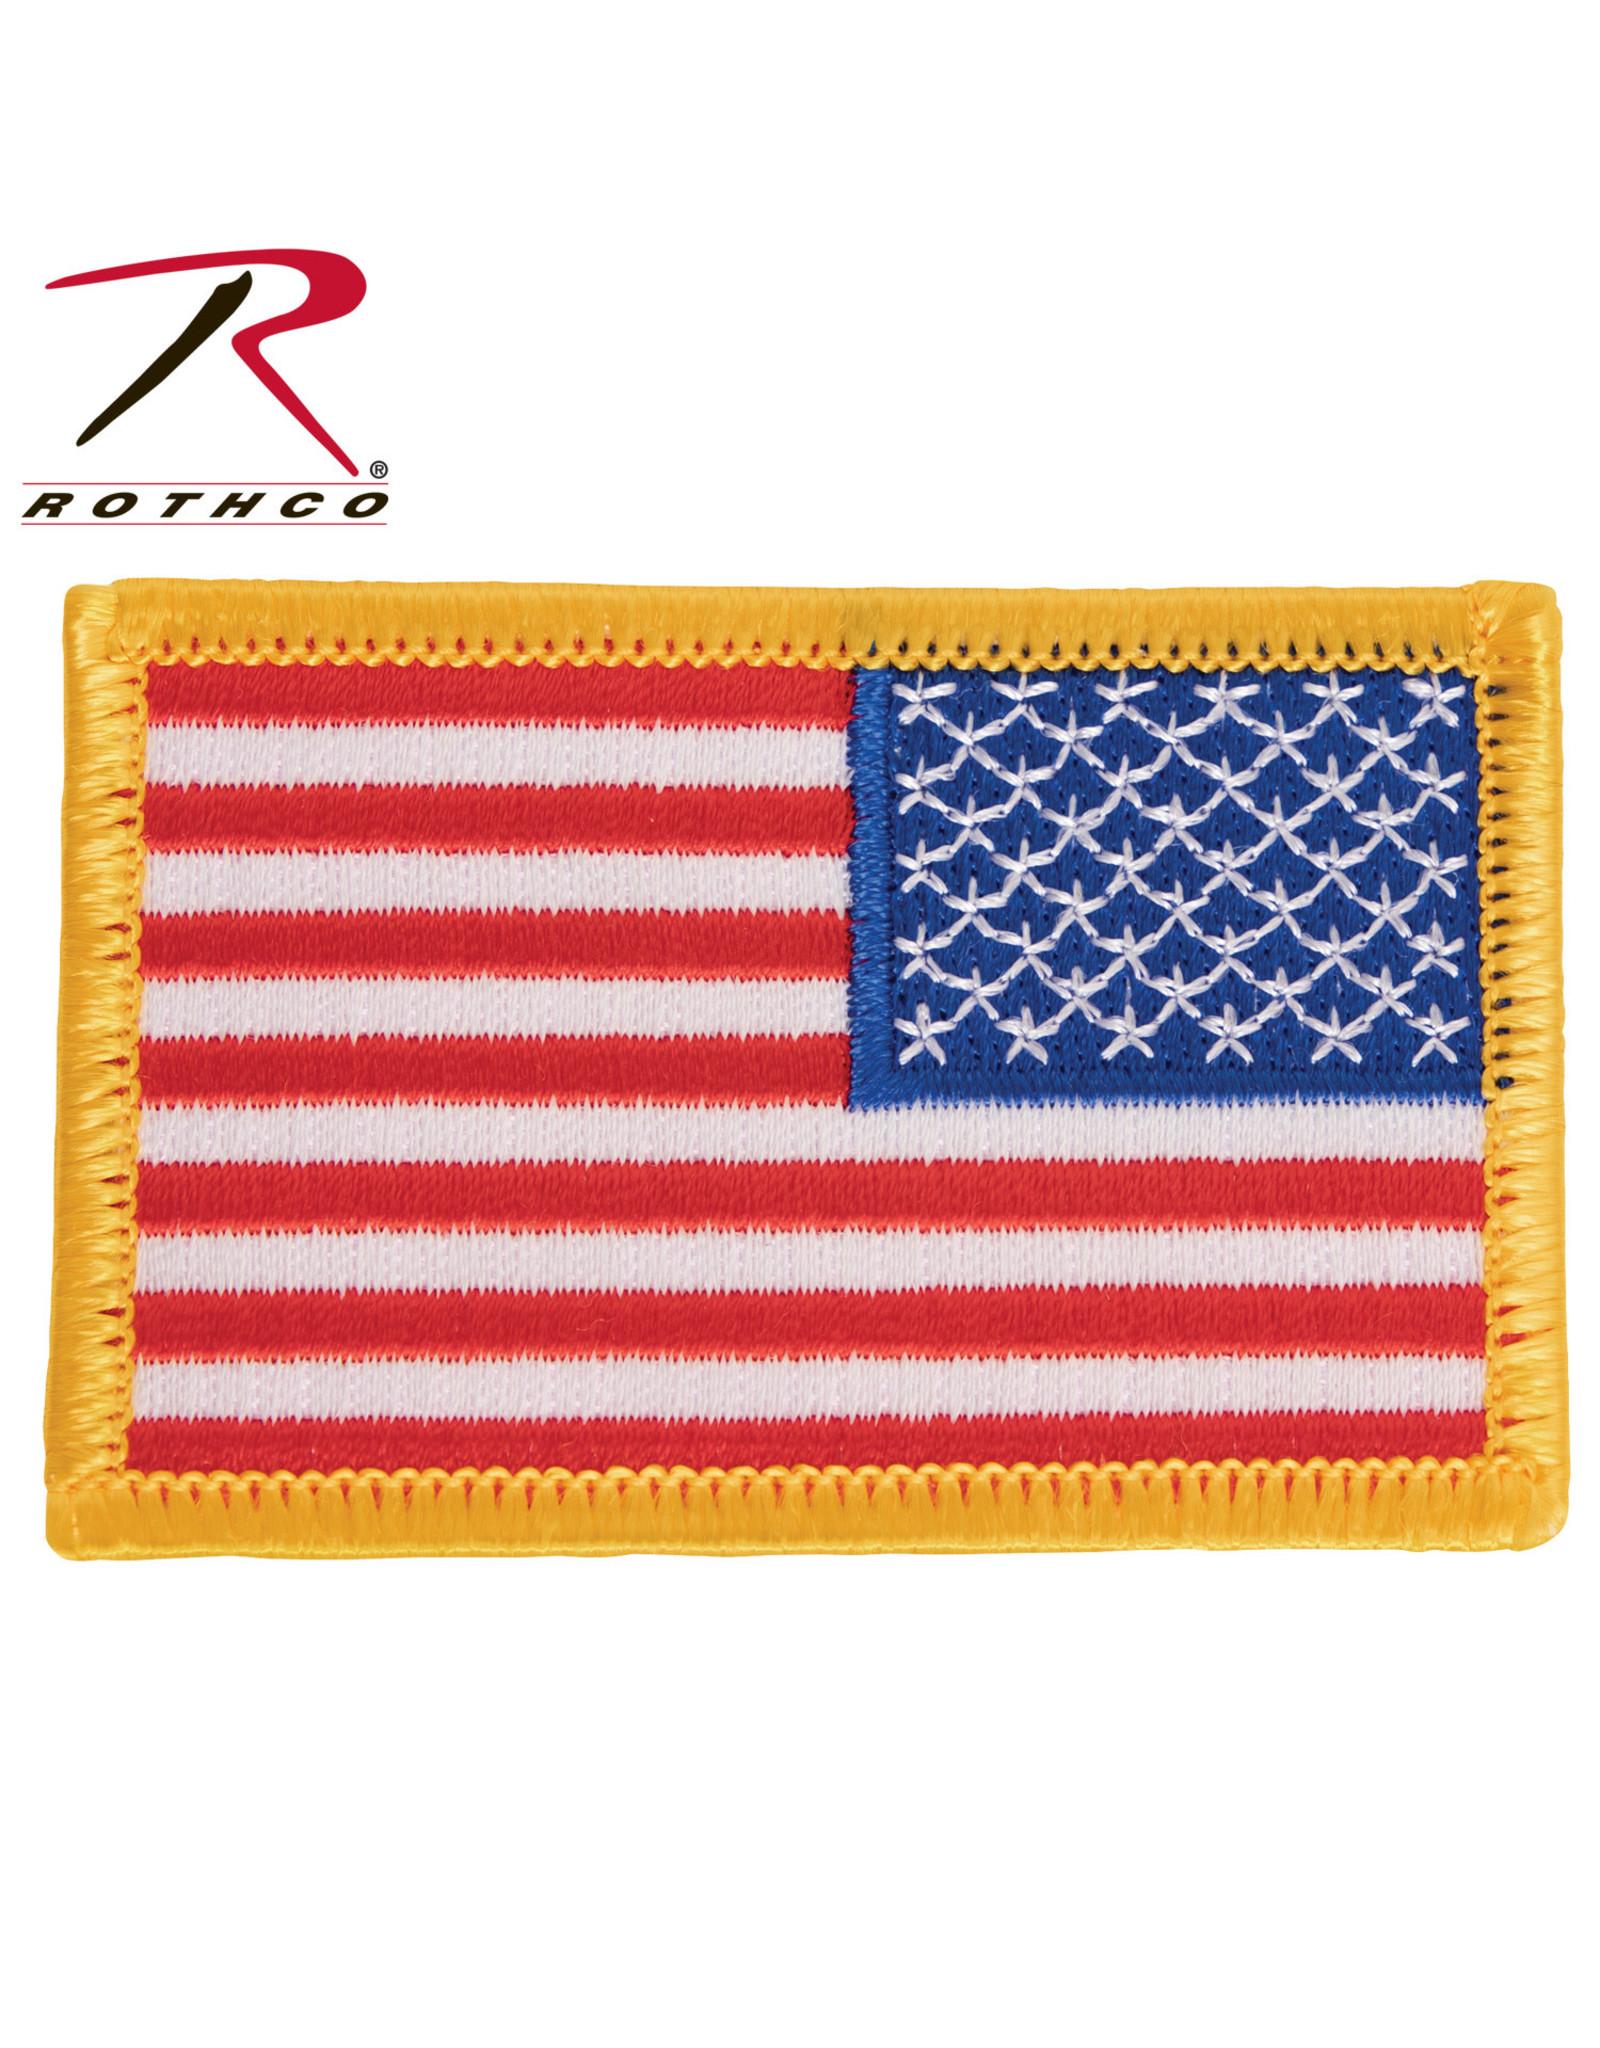 Reverse US Flag Patch USA RWB